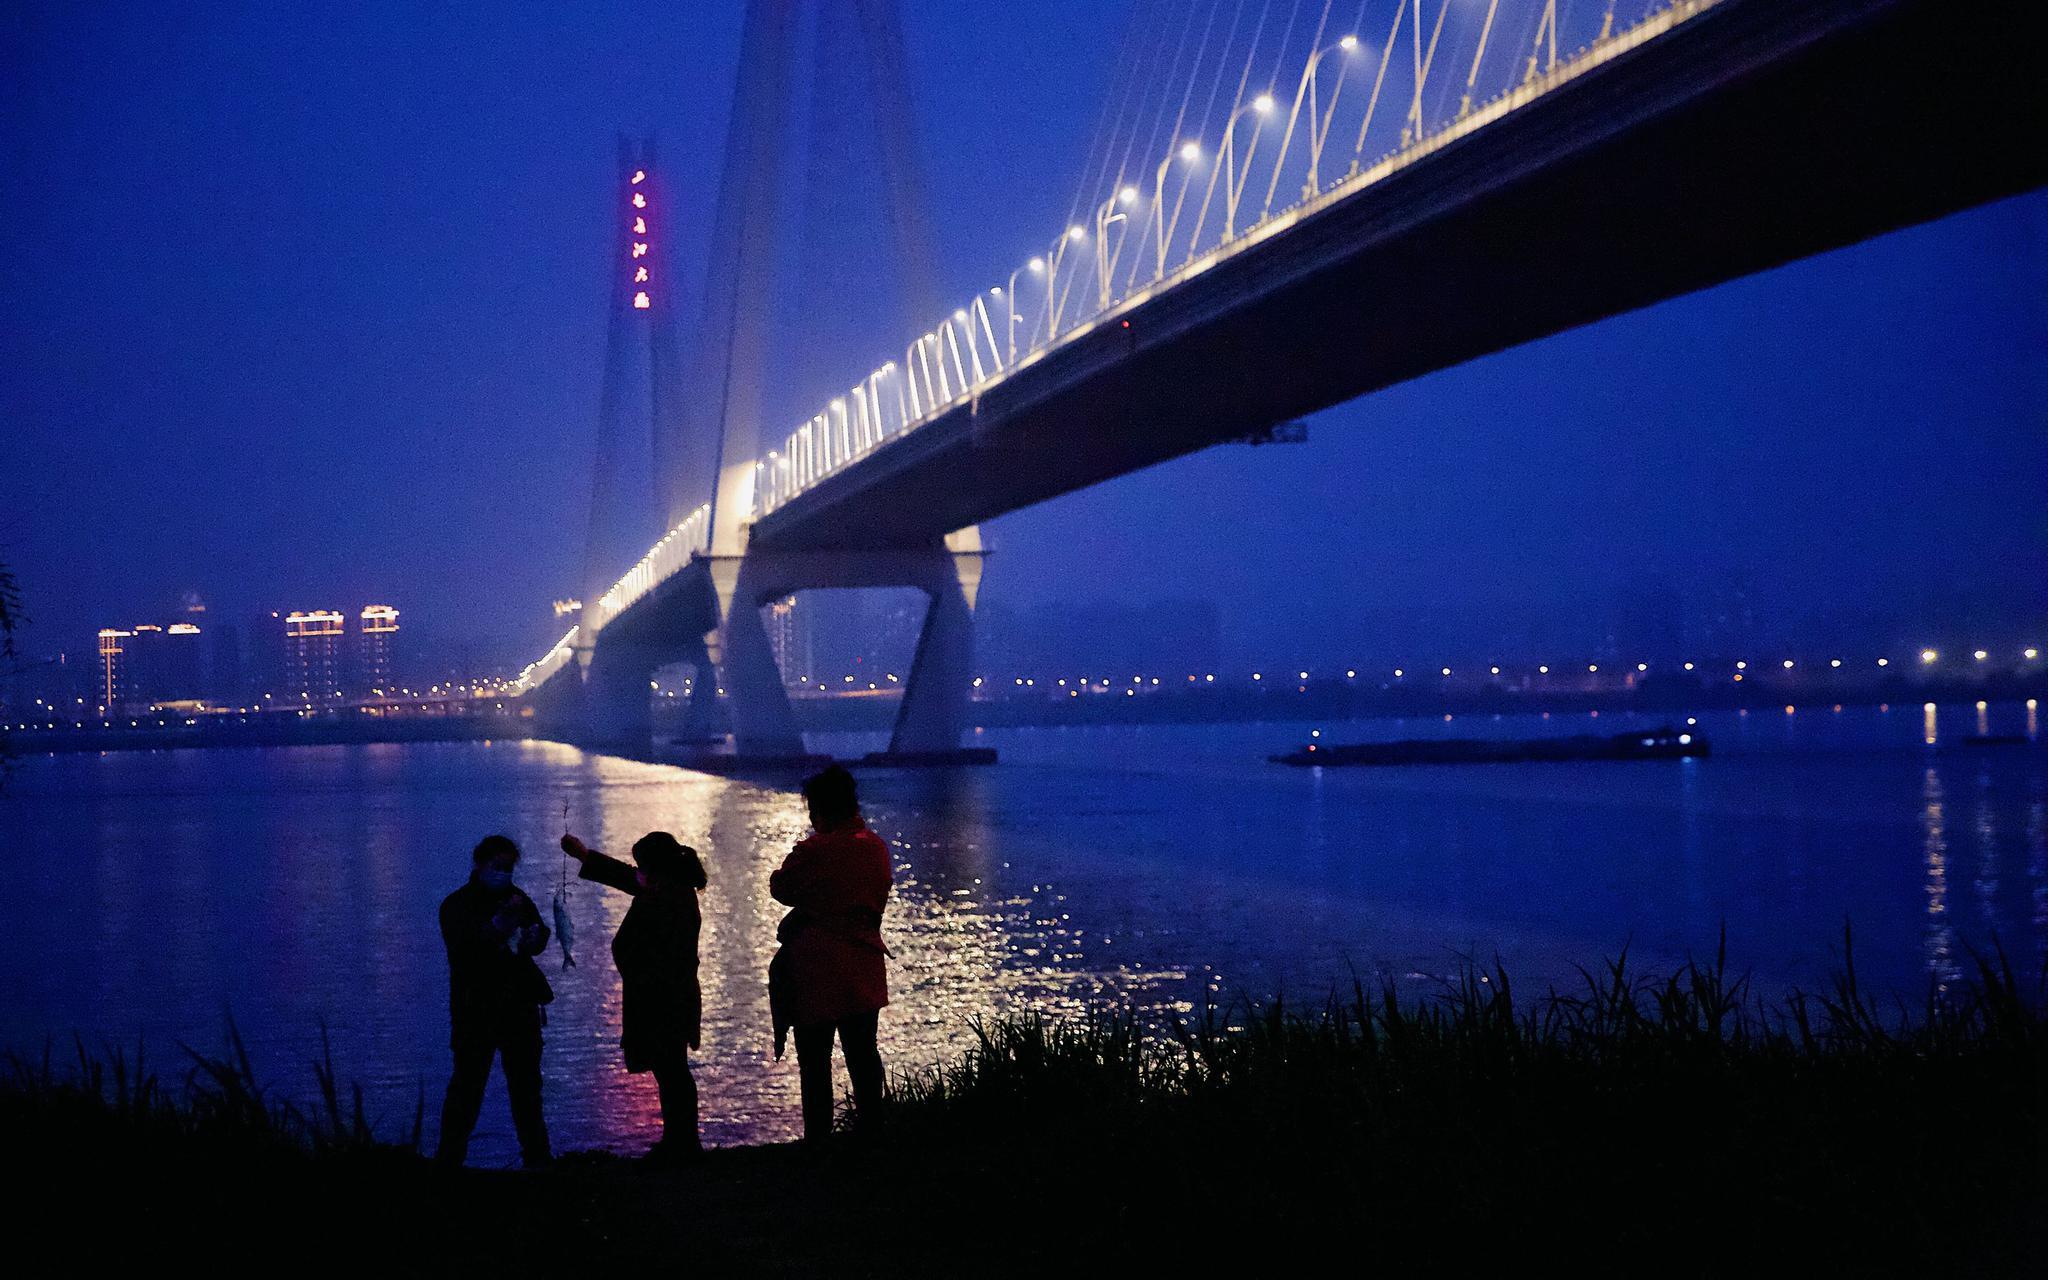 满帮大数据:武汉解封首日公路发货量增长59.79%图片